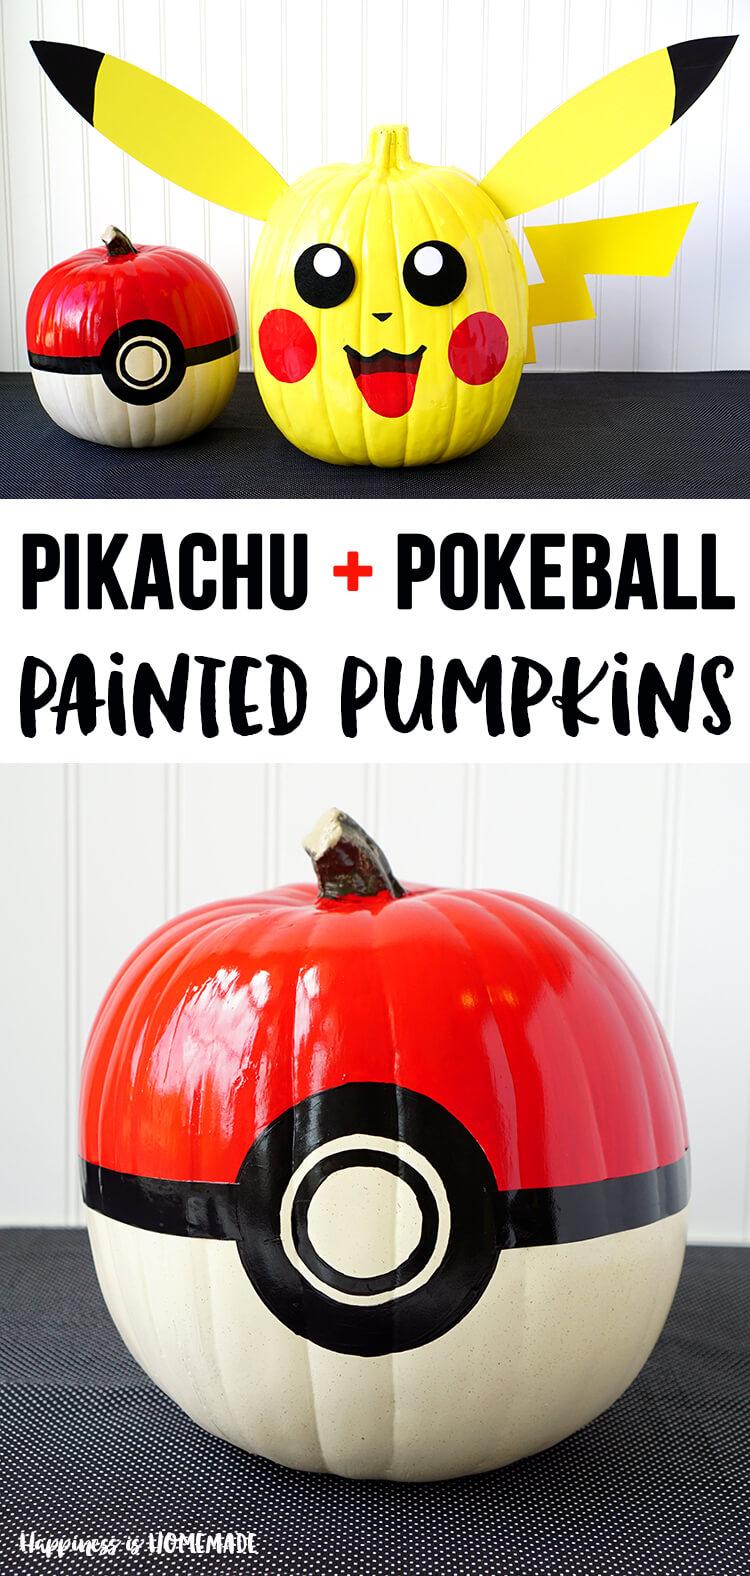 how-to-make-pikachu-and-pokeball-pokemon-pumpkins-for-halloween